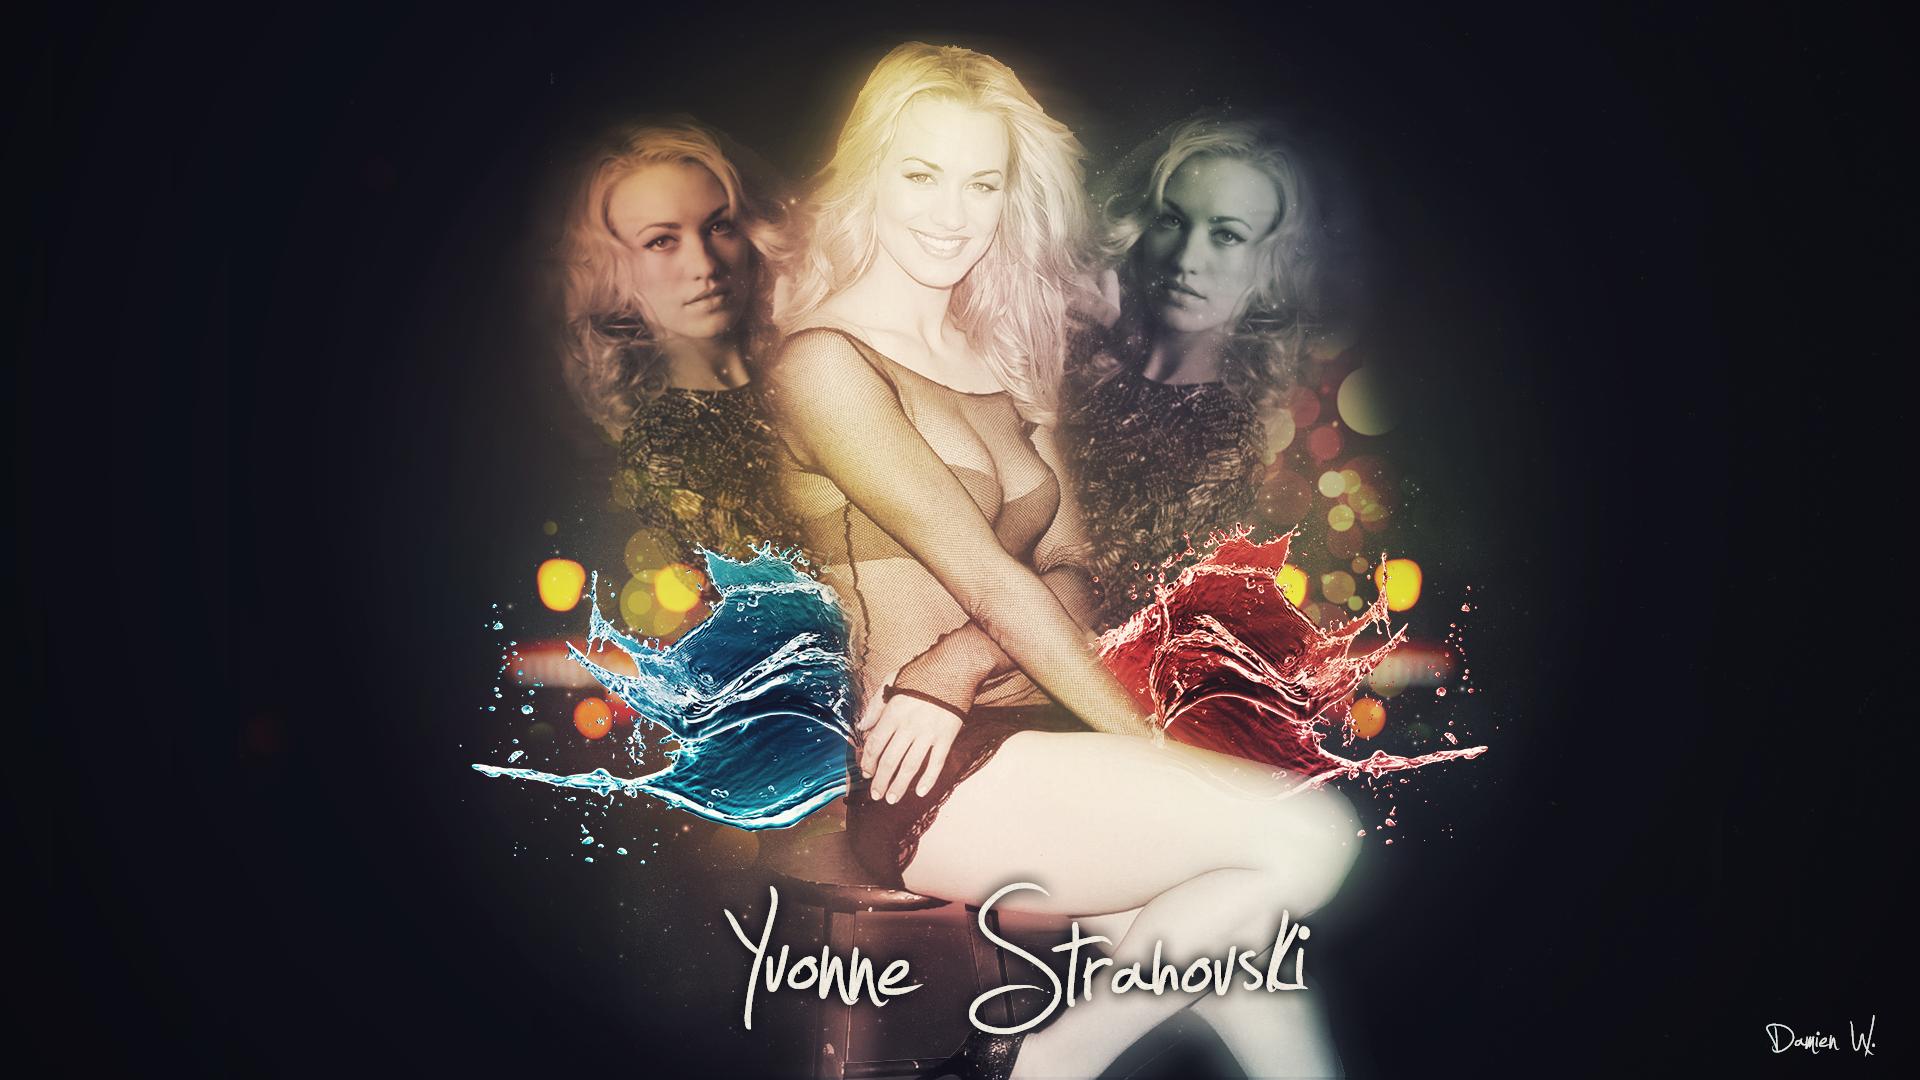 Yvonne Strahovski HD achtergrond - door Damien W.